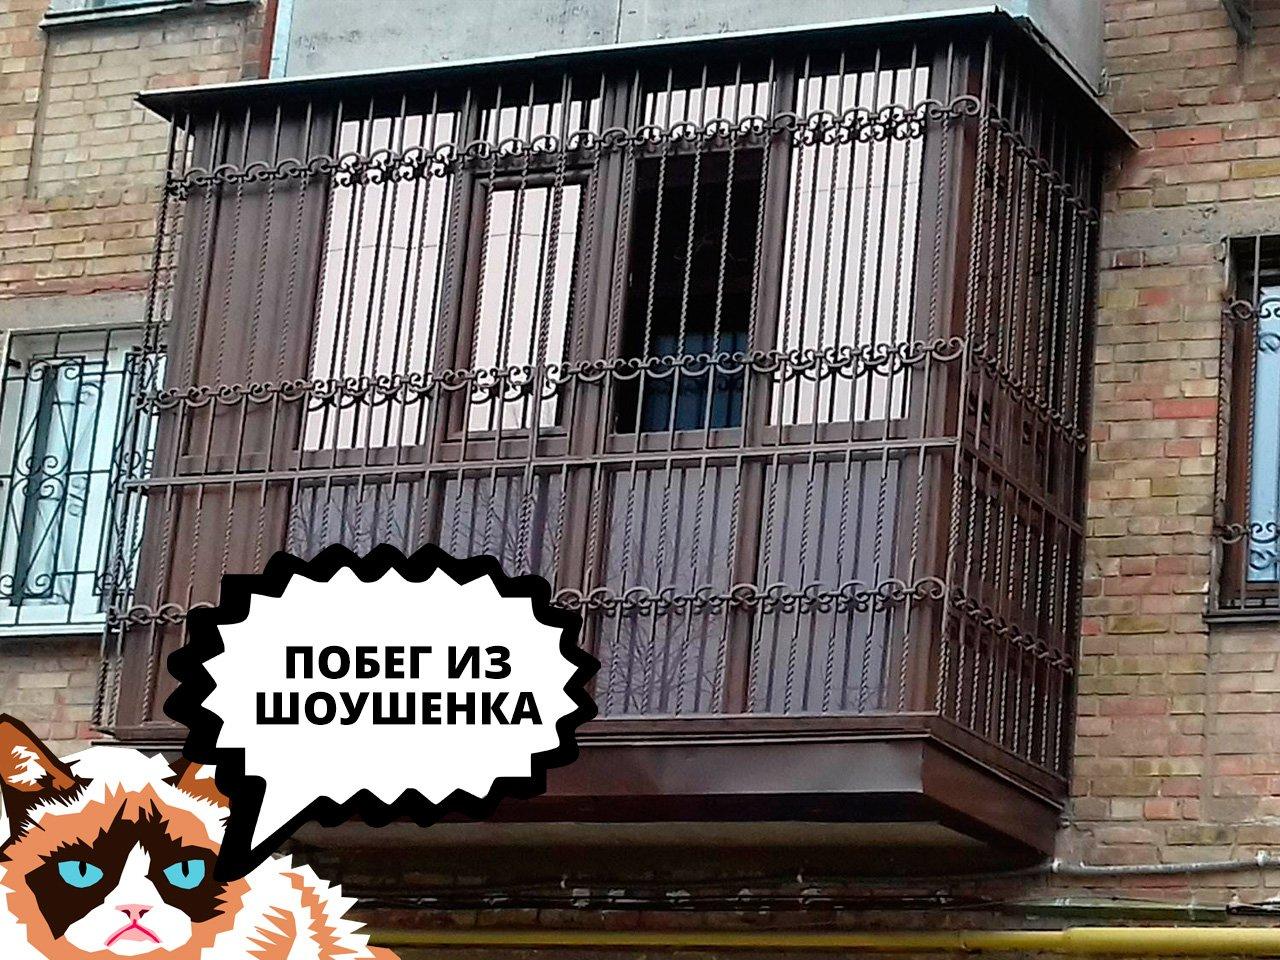 Царь-балконы наступают: как киевляне реагируют на эпидемию, фото-5